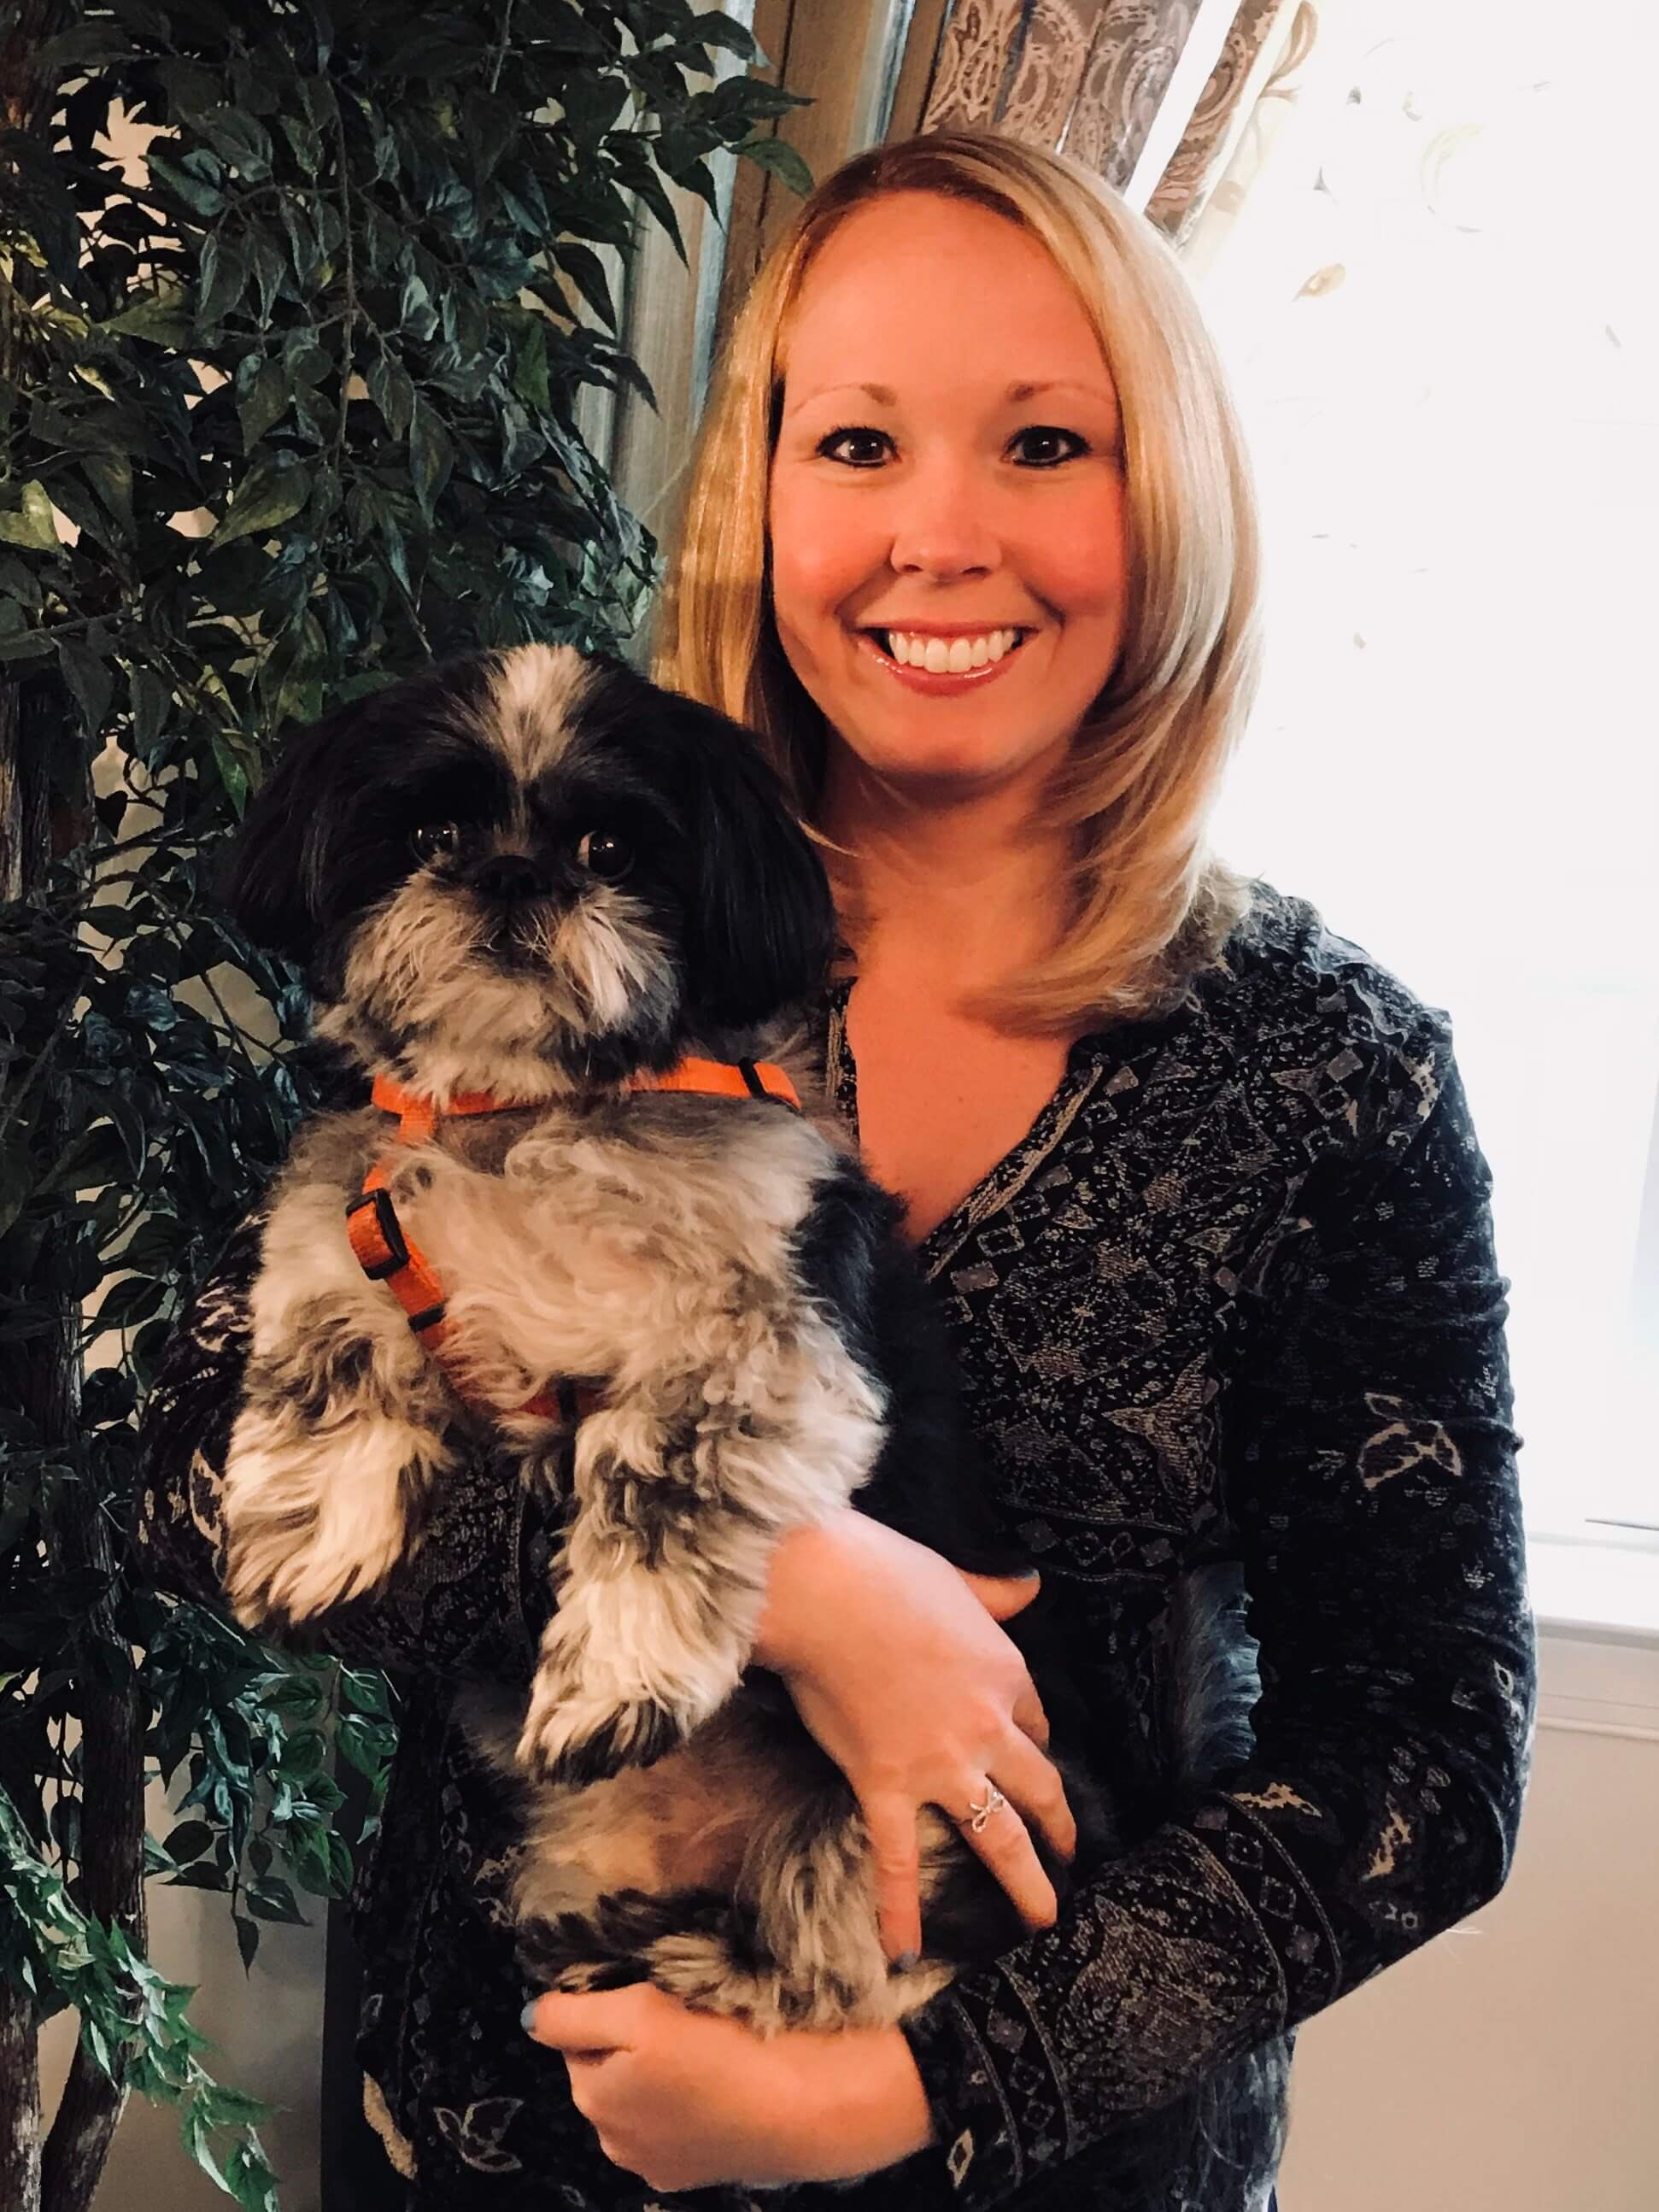 Tammy Kaylor